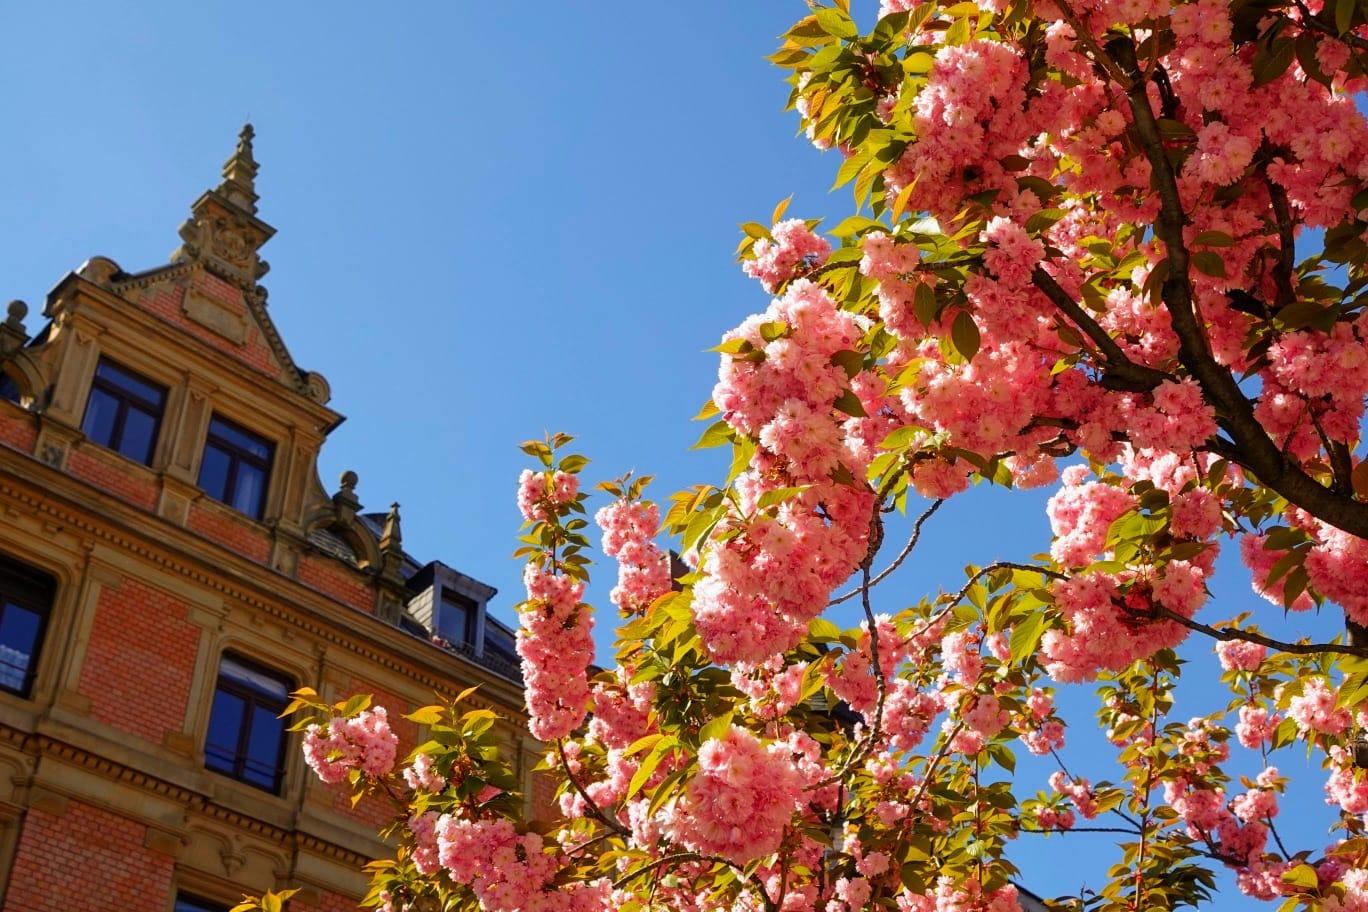 Kirschblüten auf der Leipziger Straße   (c) rkk